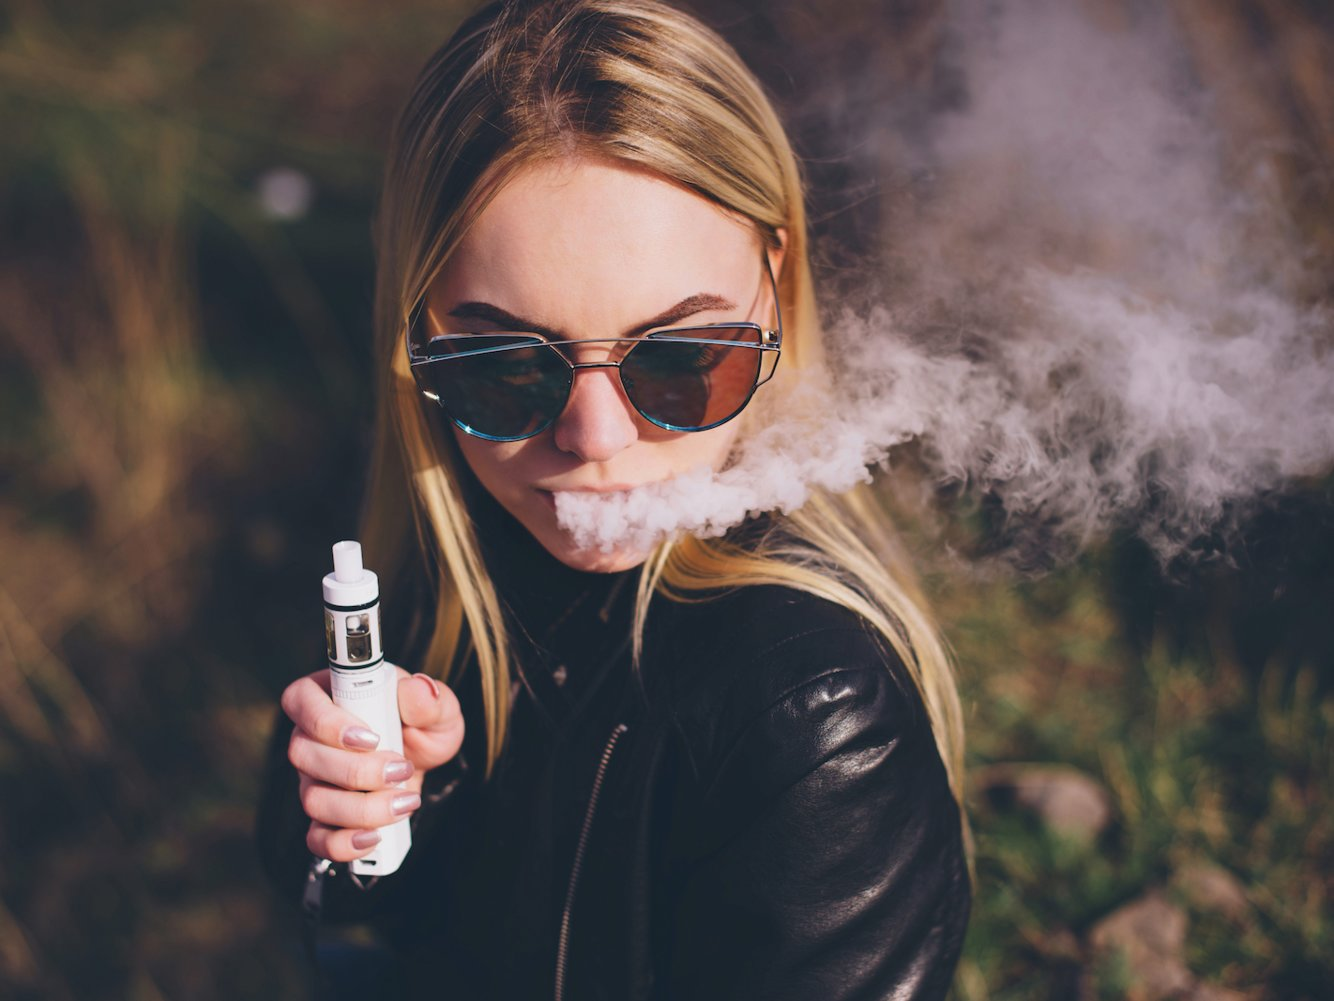 吸う タバコ 痛い が と を 胸